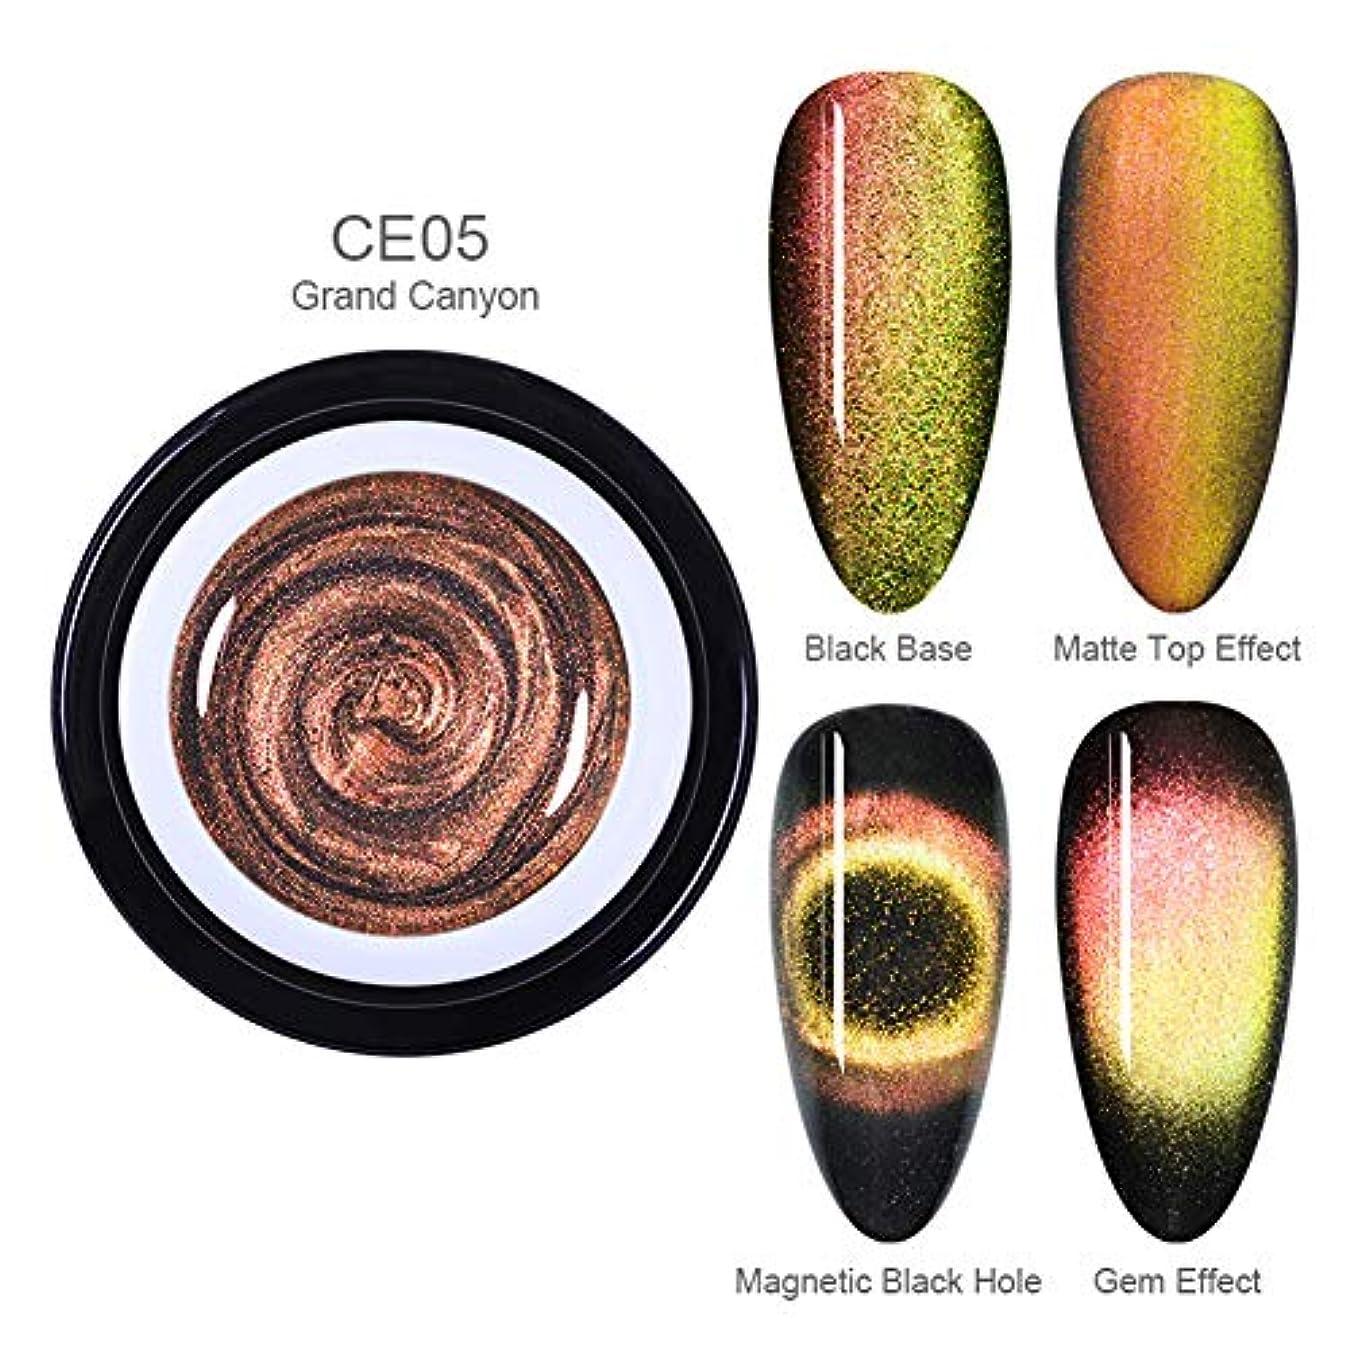 コメンテータービジネス流体BORN PRETTY 9Dキャッツアイジェルカラー 磁石で模様が変わる 6ml 6色選択可 UV/LED対応 ジェルネイルアート (BP-CE05 Grand Canyon)